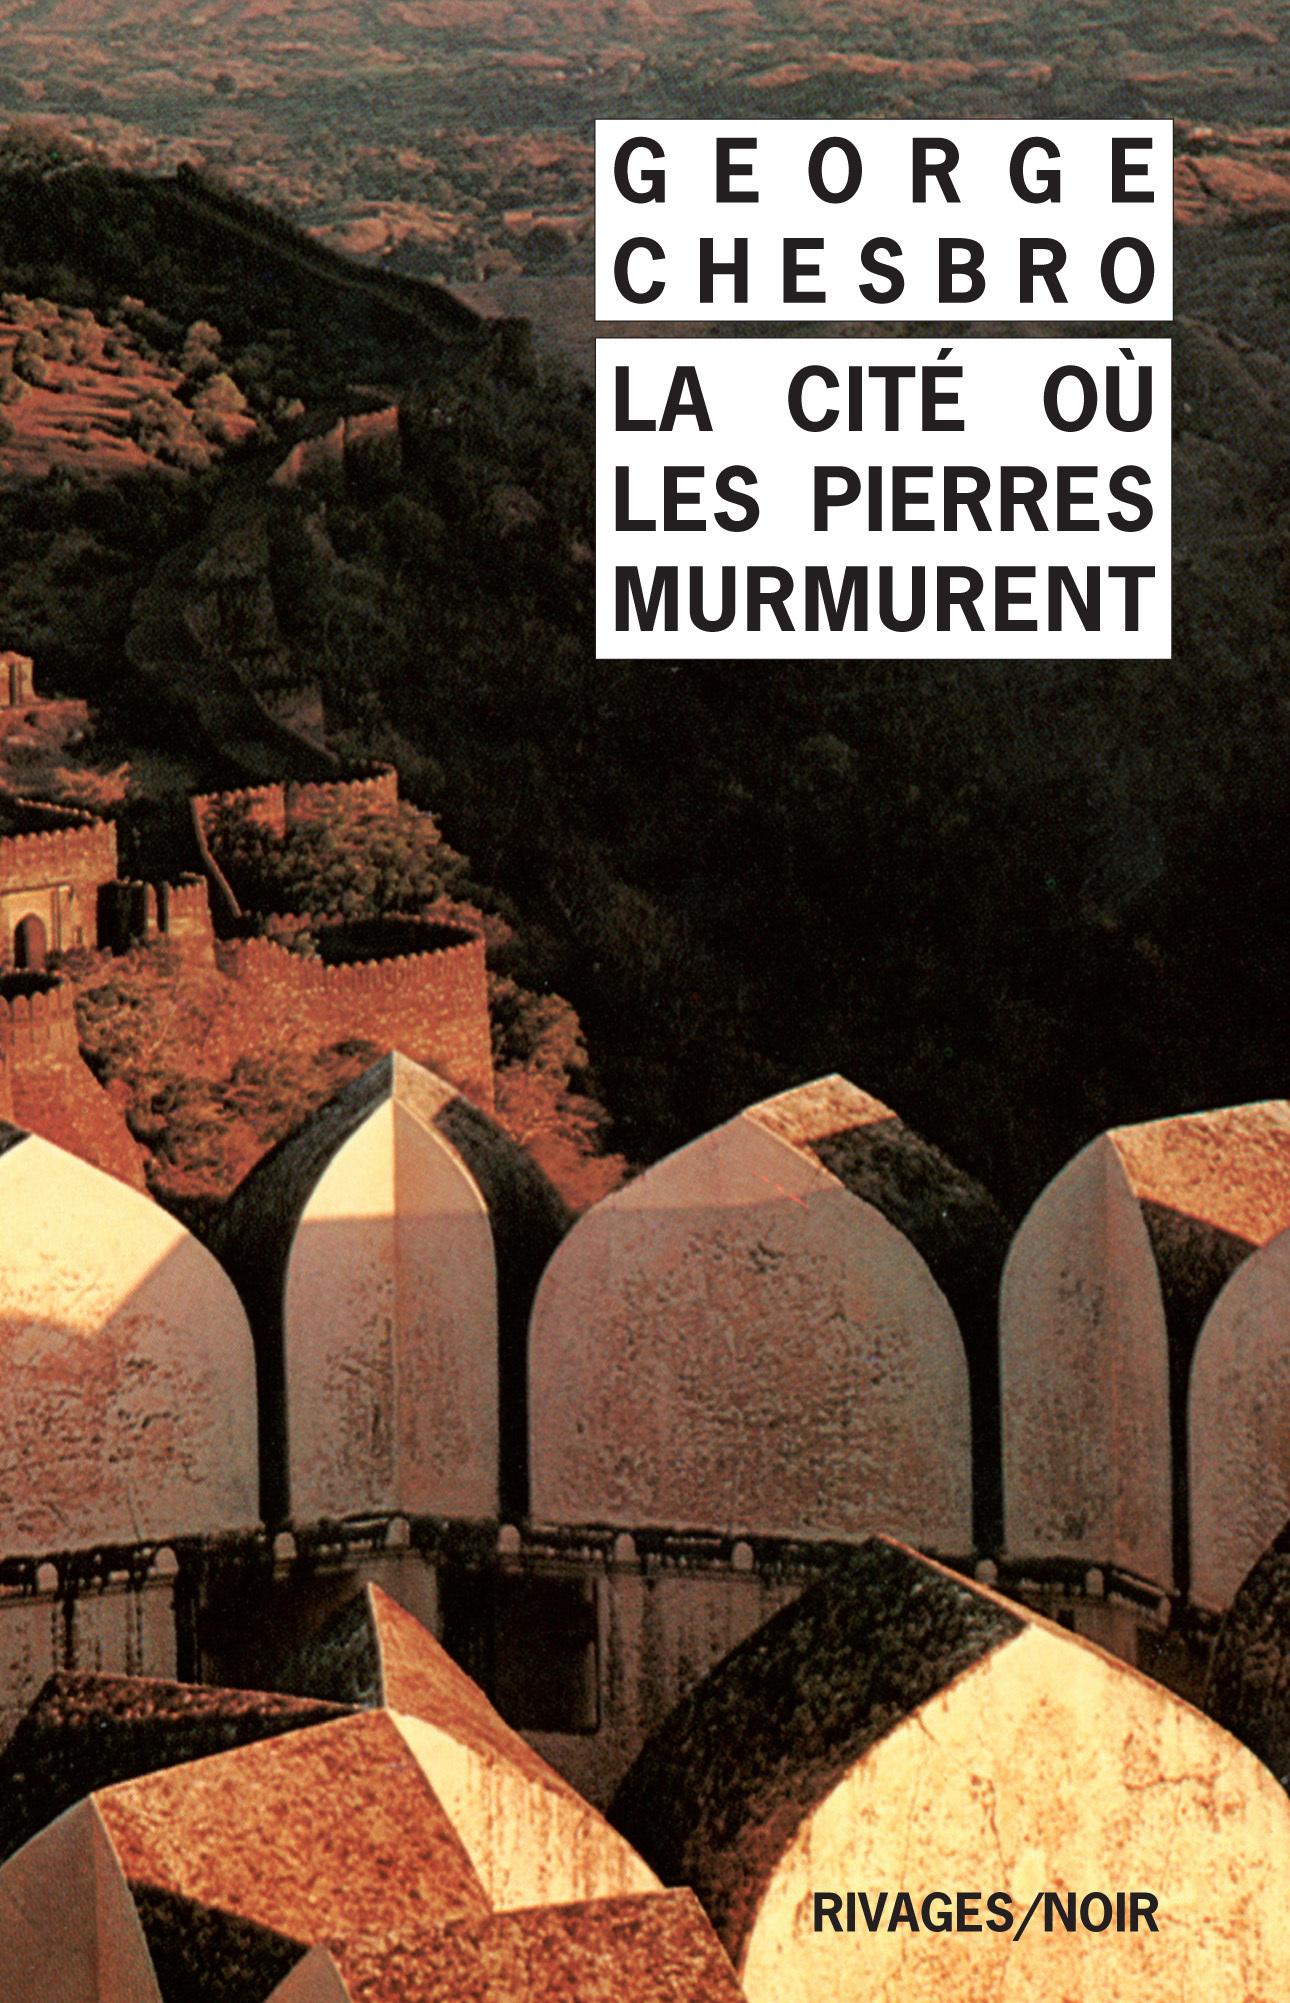 La Cité où les pierres murmurent